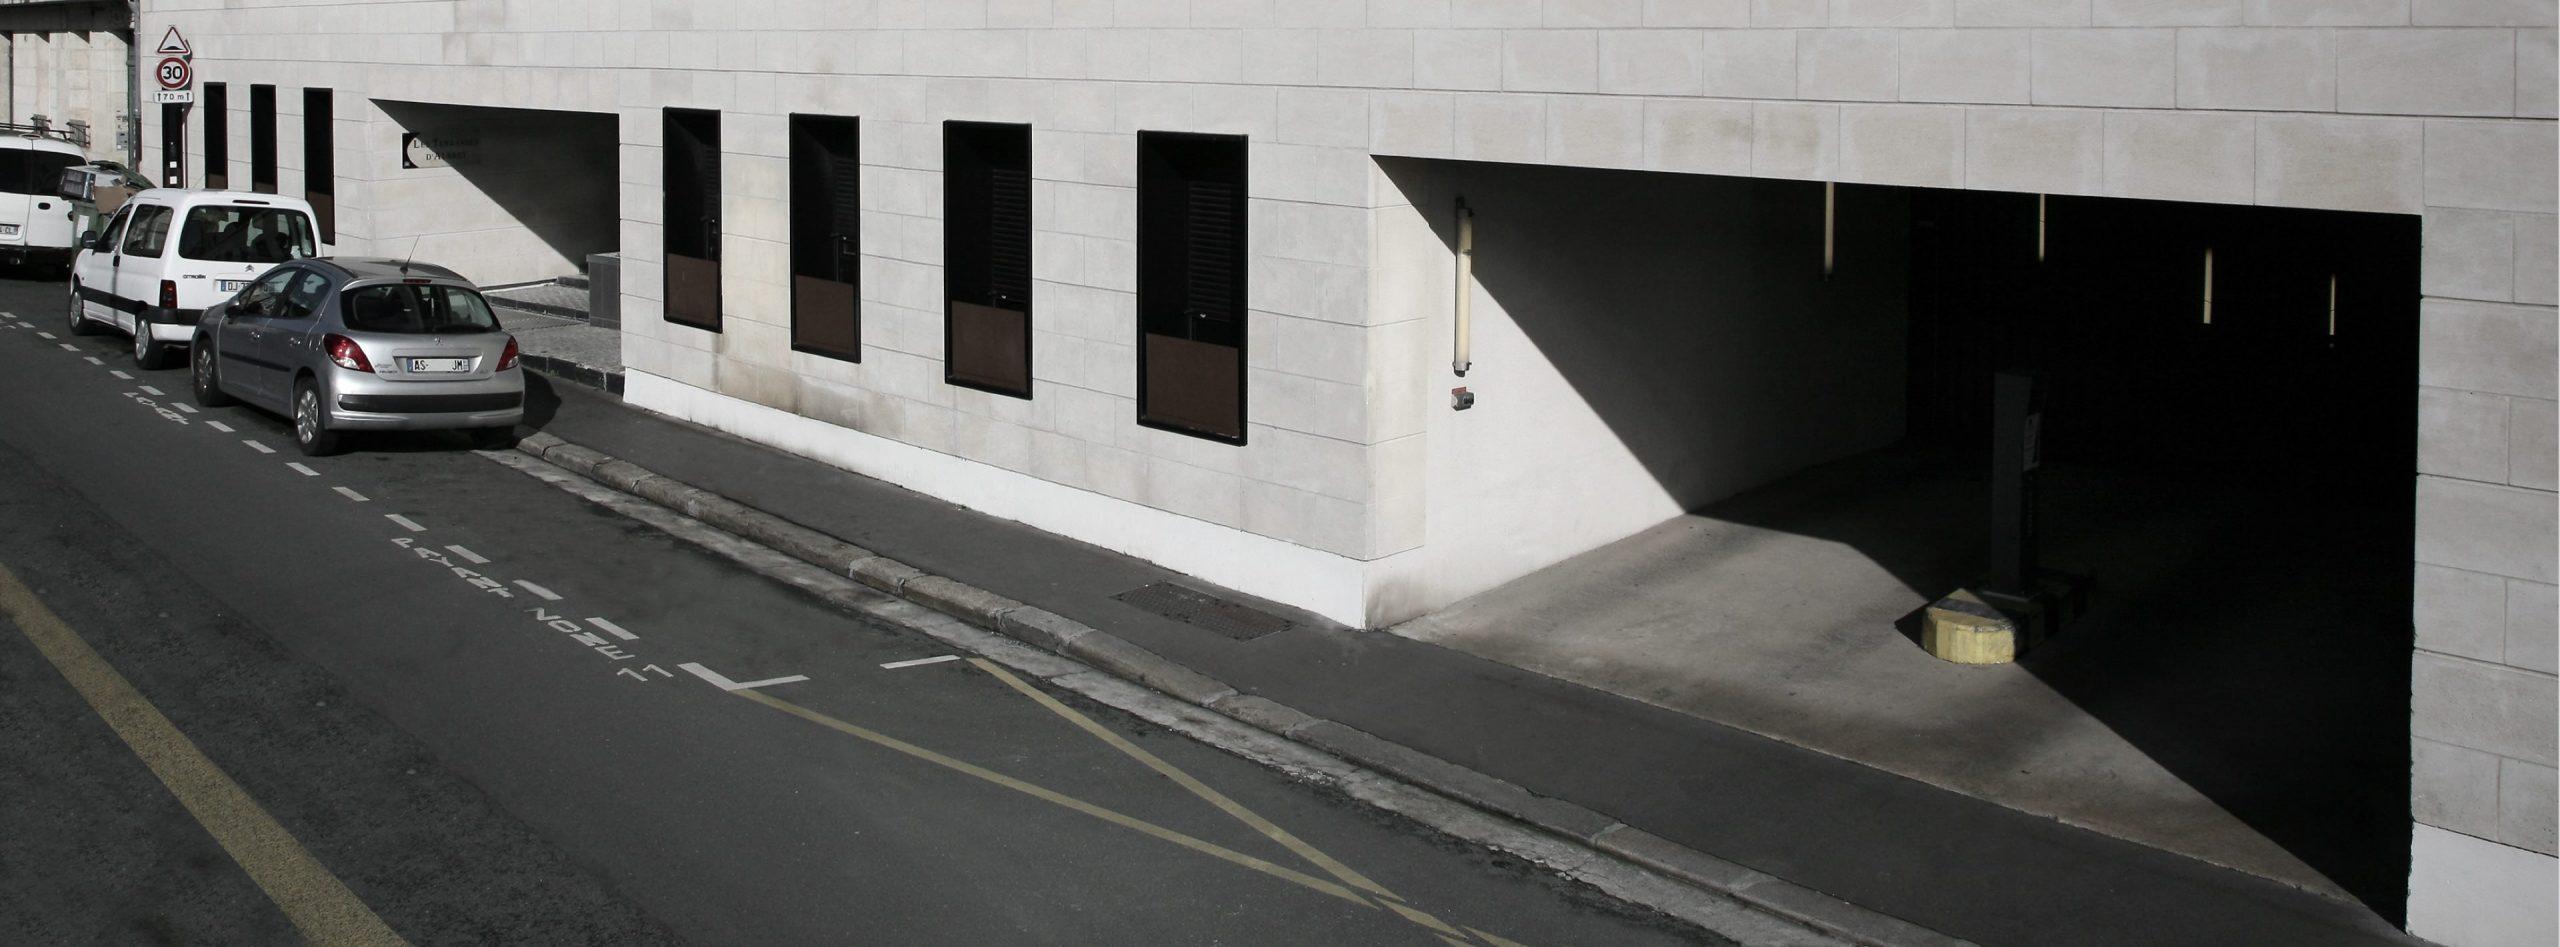 Parkingrue de Bègles METPARK dans le quartier de la Gare Saint-Jean de Bordeaux.